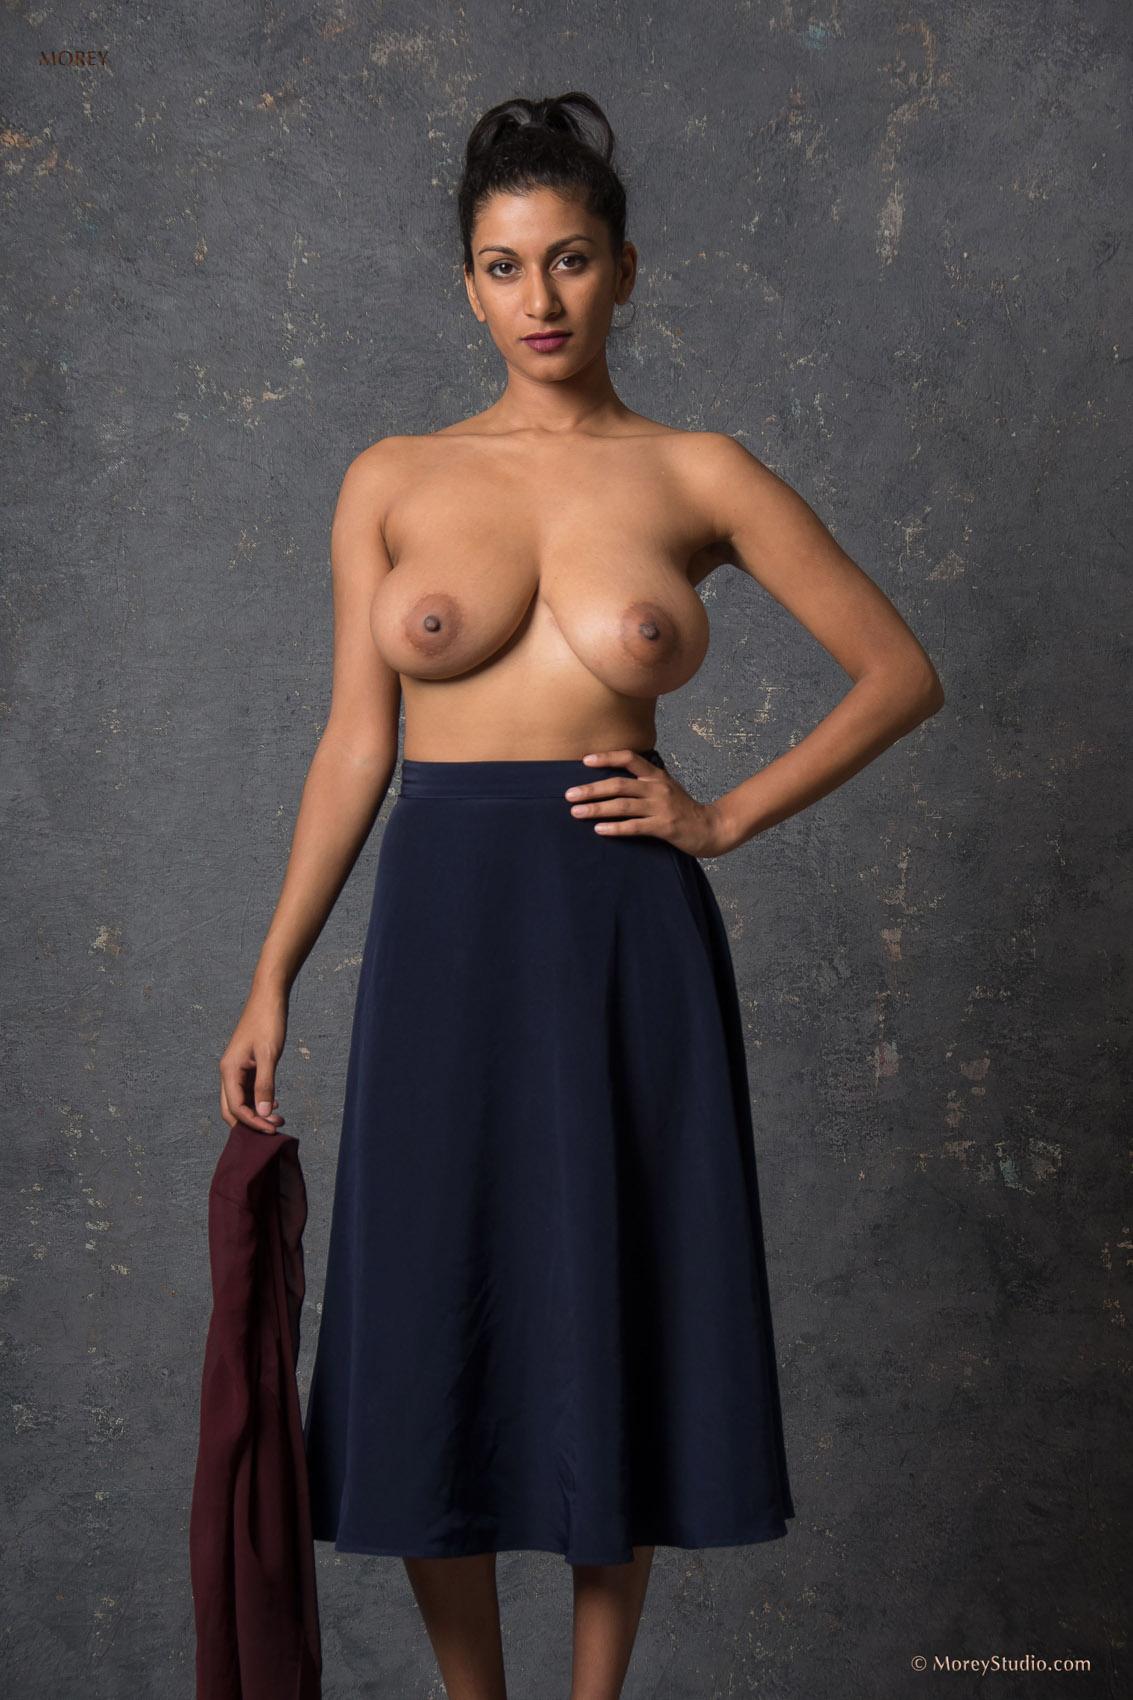 Nude erotic Erotic Beauty